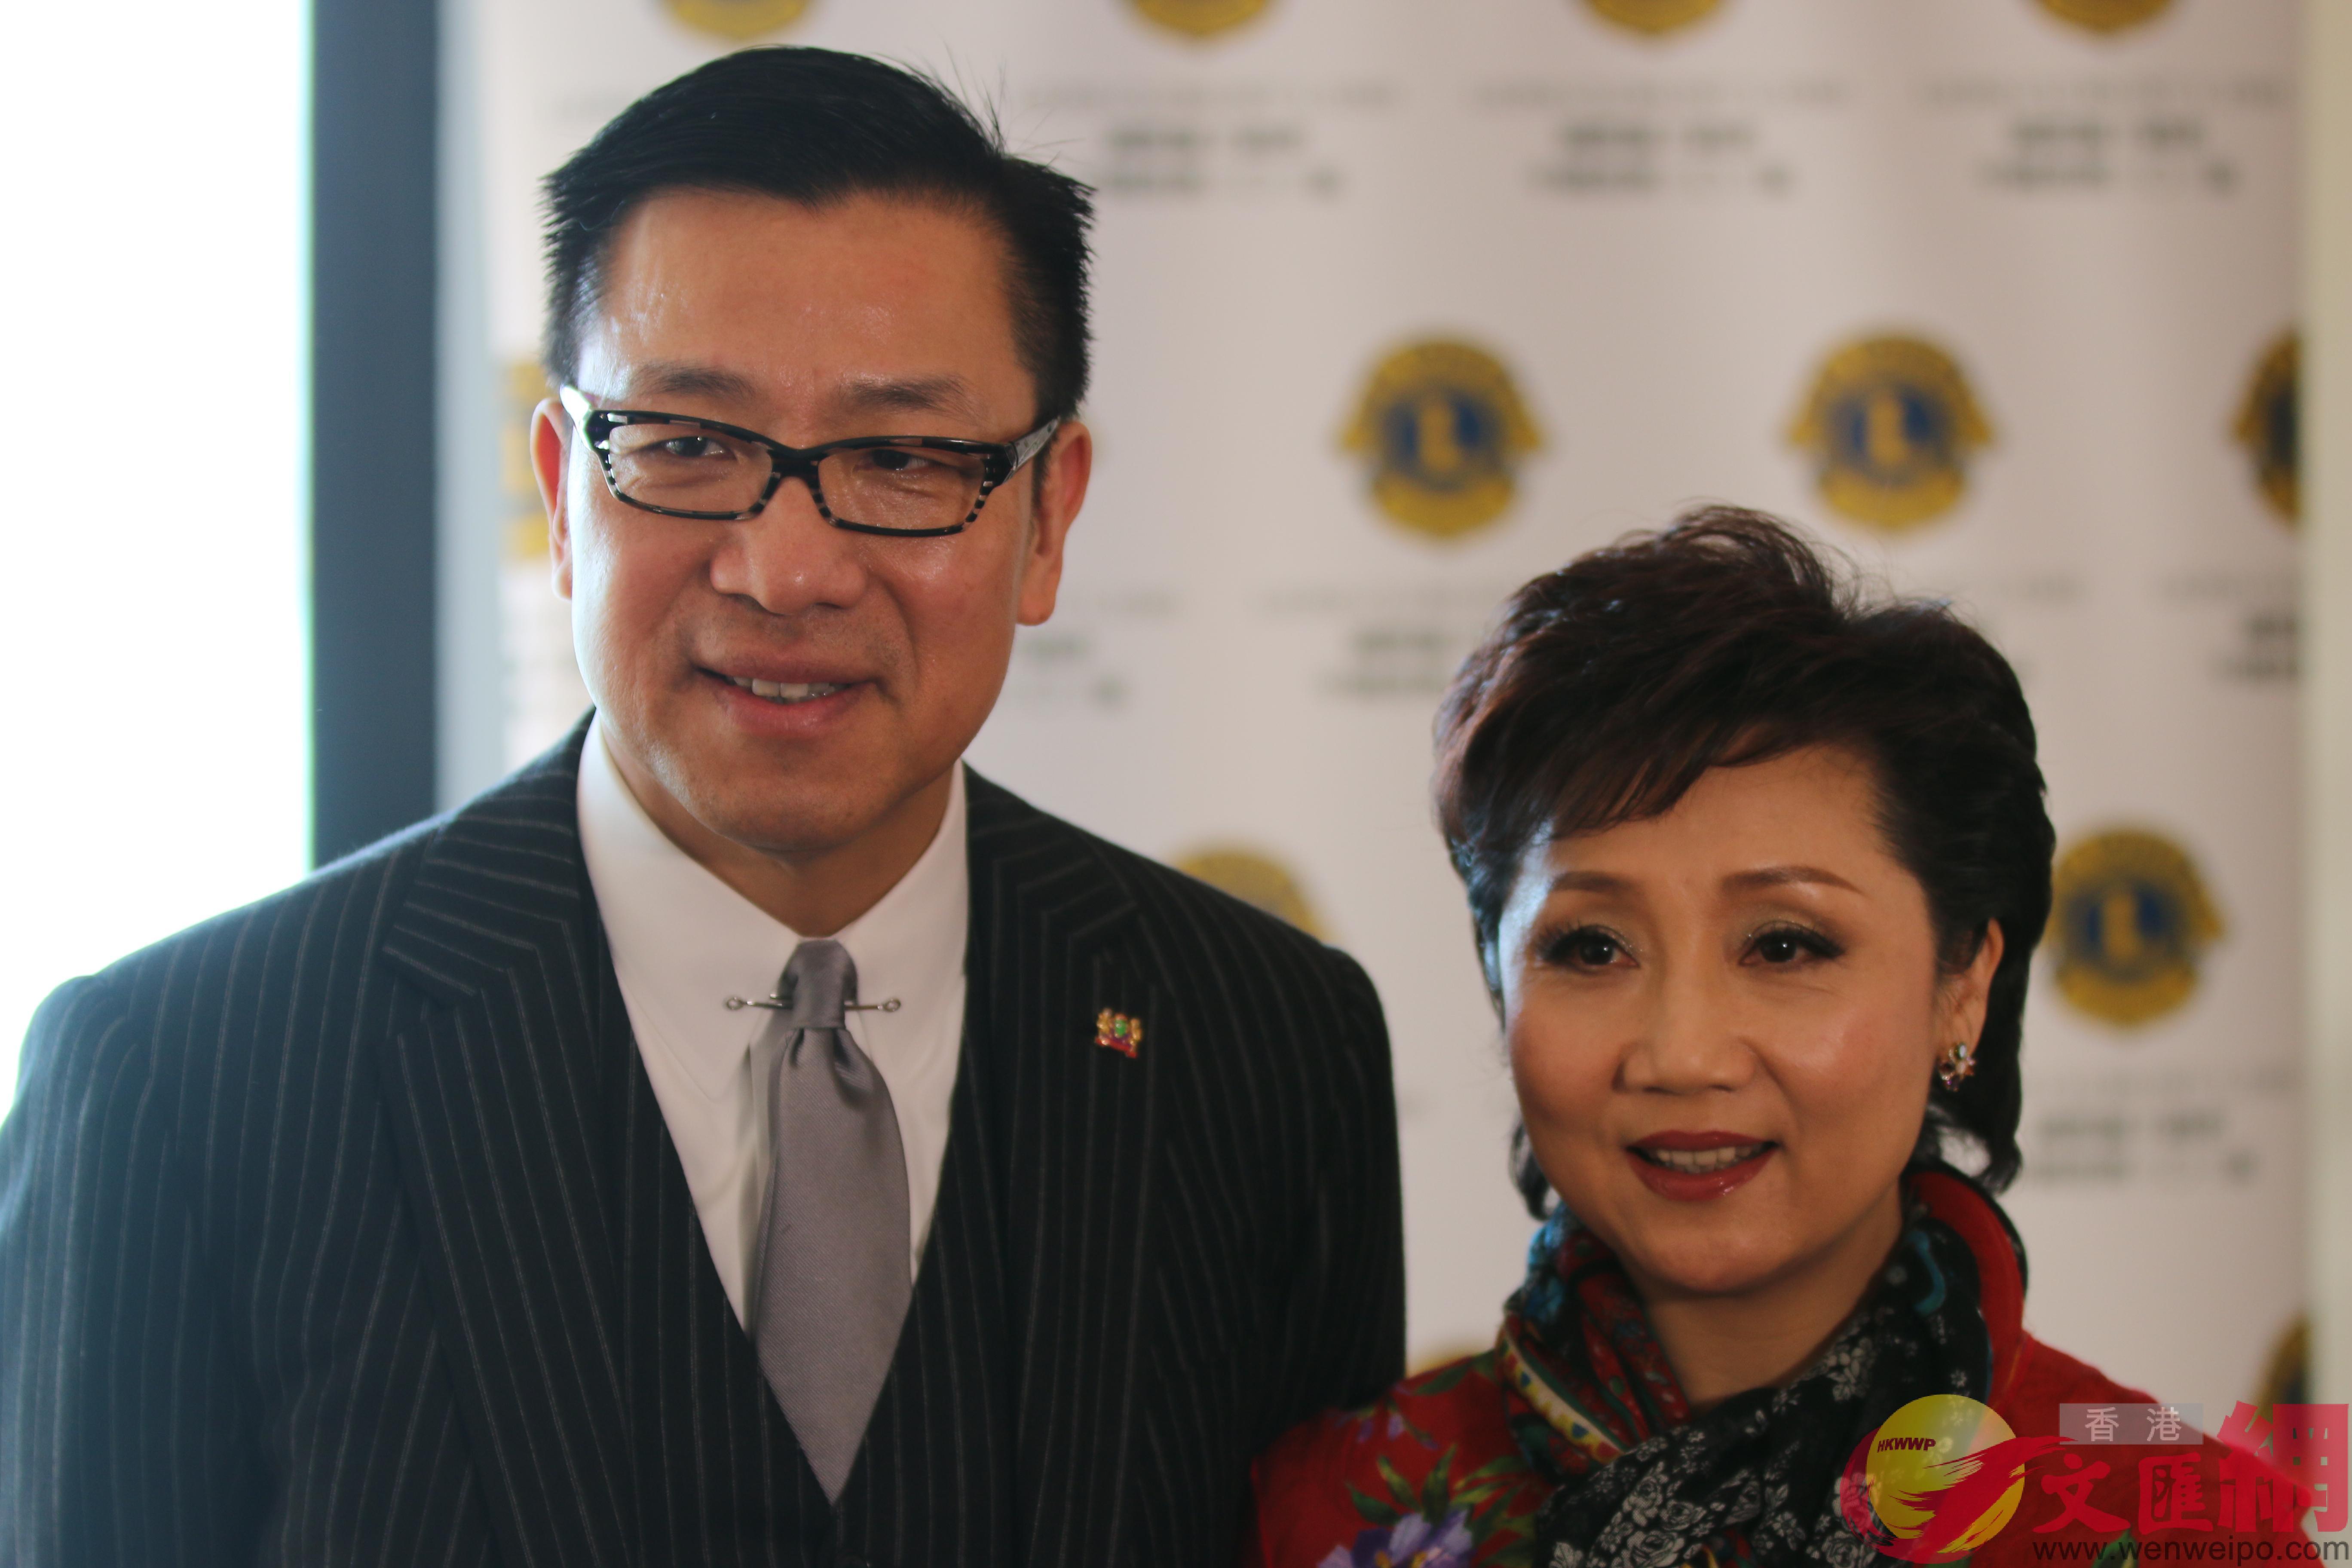 張德蘭與丈夫楊偉誠(大公文匯全媒體記者孫青川攝)